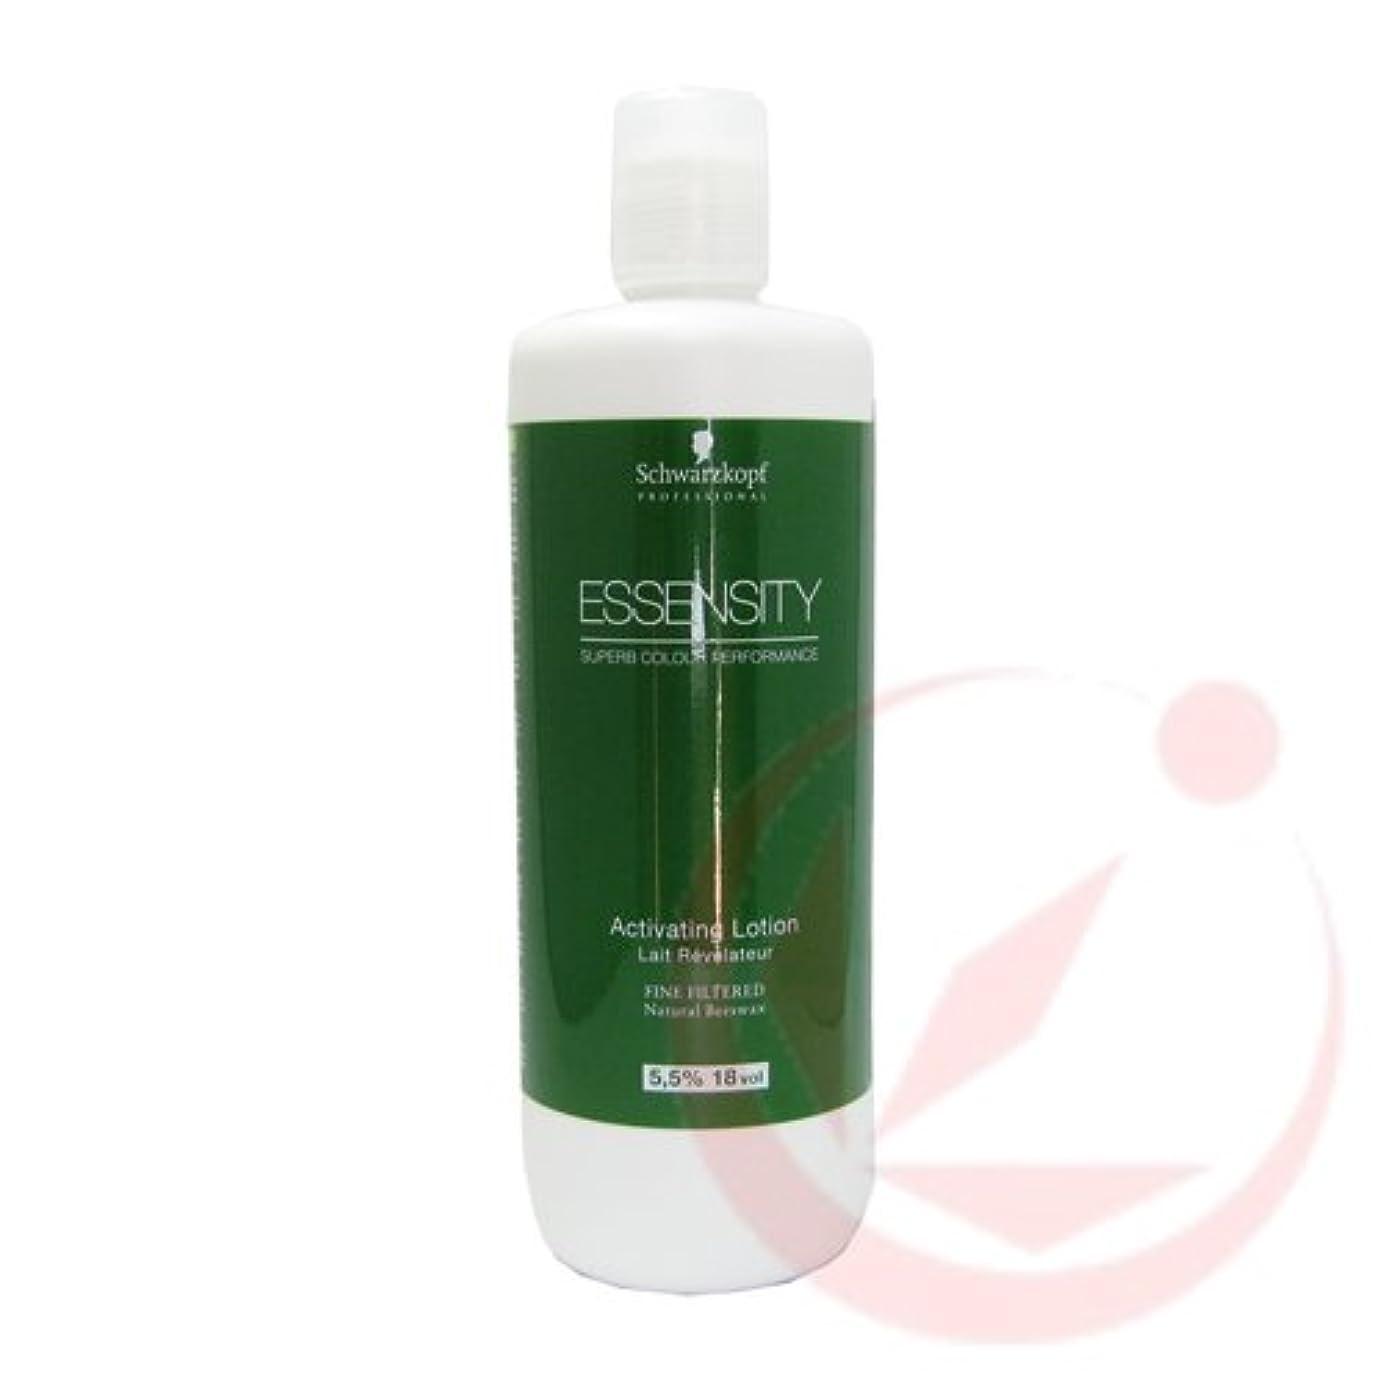 大いに強制的酸化物シュワルツコフ エッセンシティ アクティべーティングローション 5.5% 1000ml (2剤)